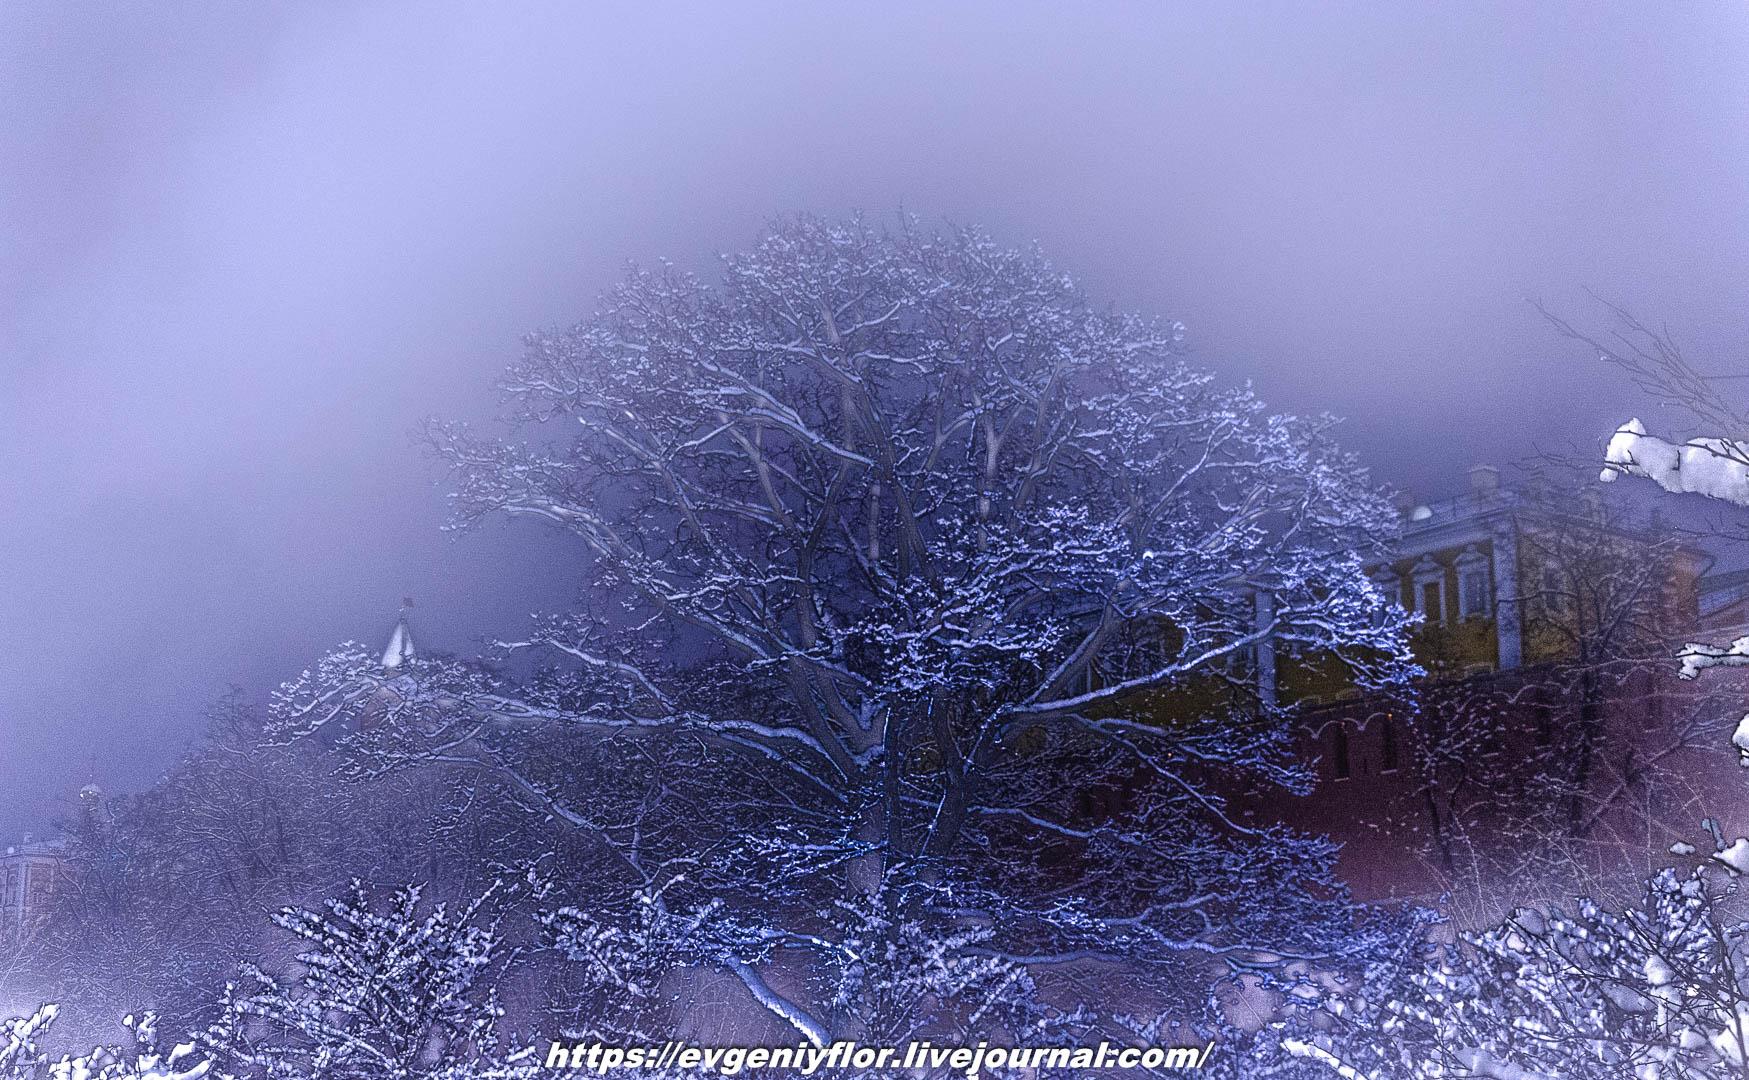 Вечерняя прогулка после снегопада    13 02 - 2019 Среда !Новая папка (2)6631.jpg